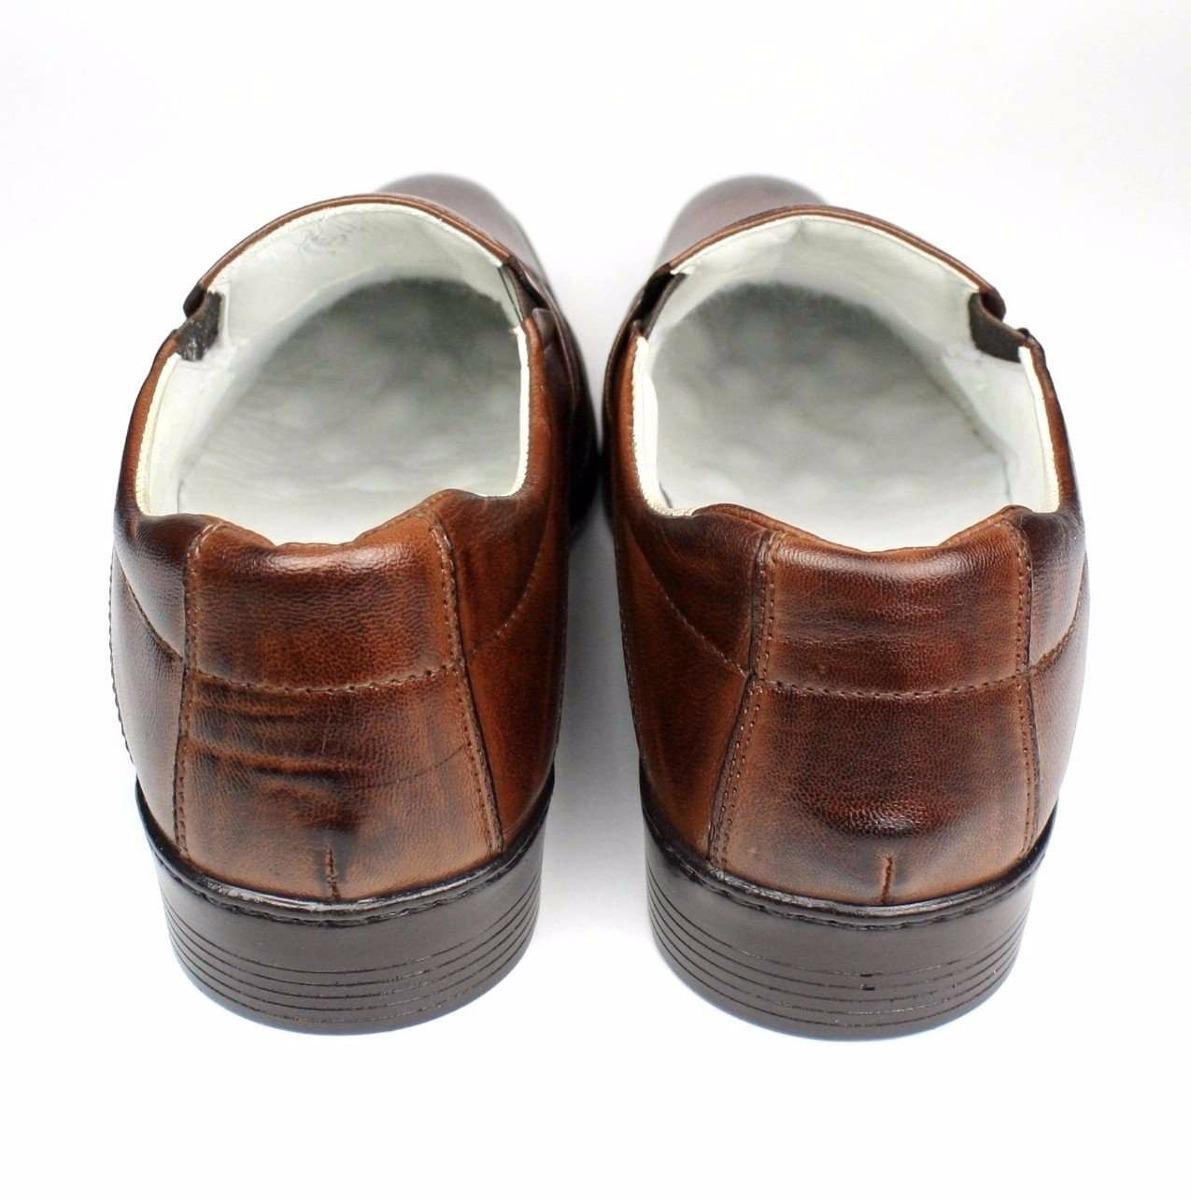 9ee7c0a23e sapato social masculino em couro marrom ou preto sofisticado. Carregando  zoom.